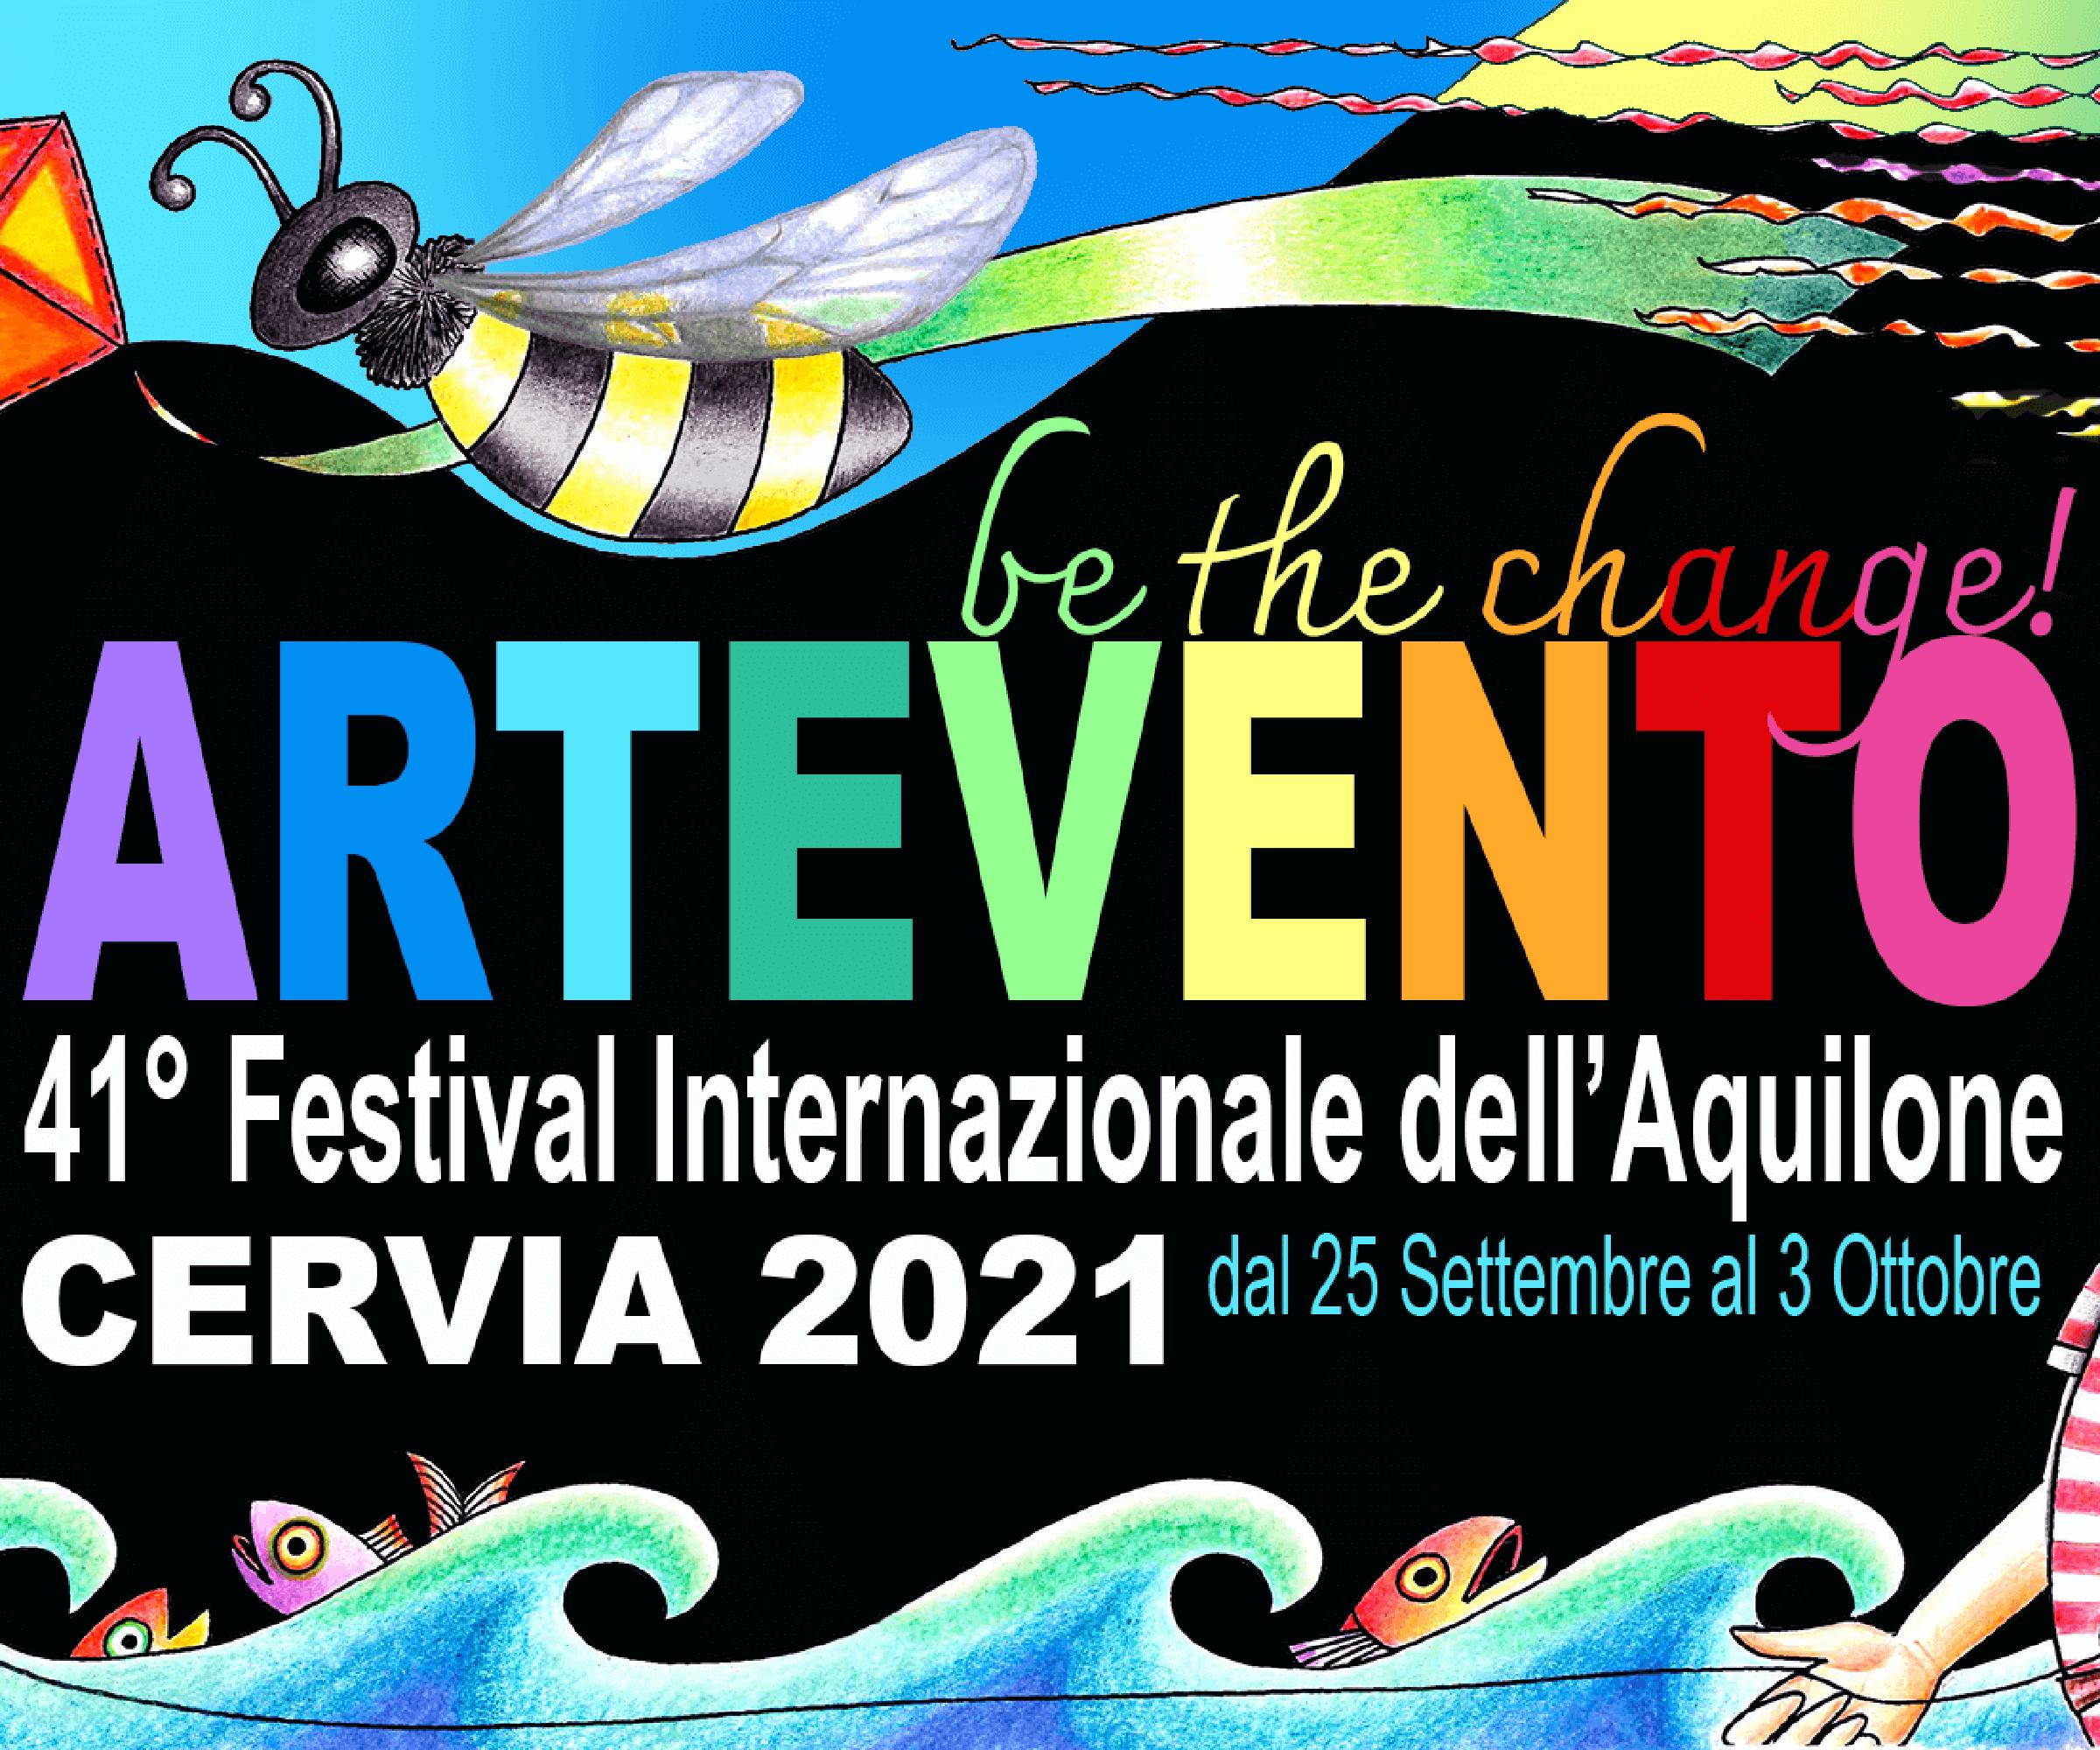 Festival Internazionale dell'Aquilone - XLI edizione